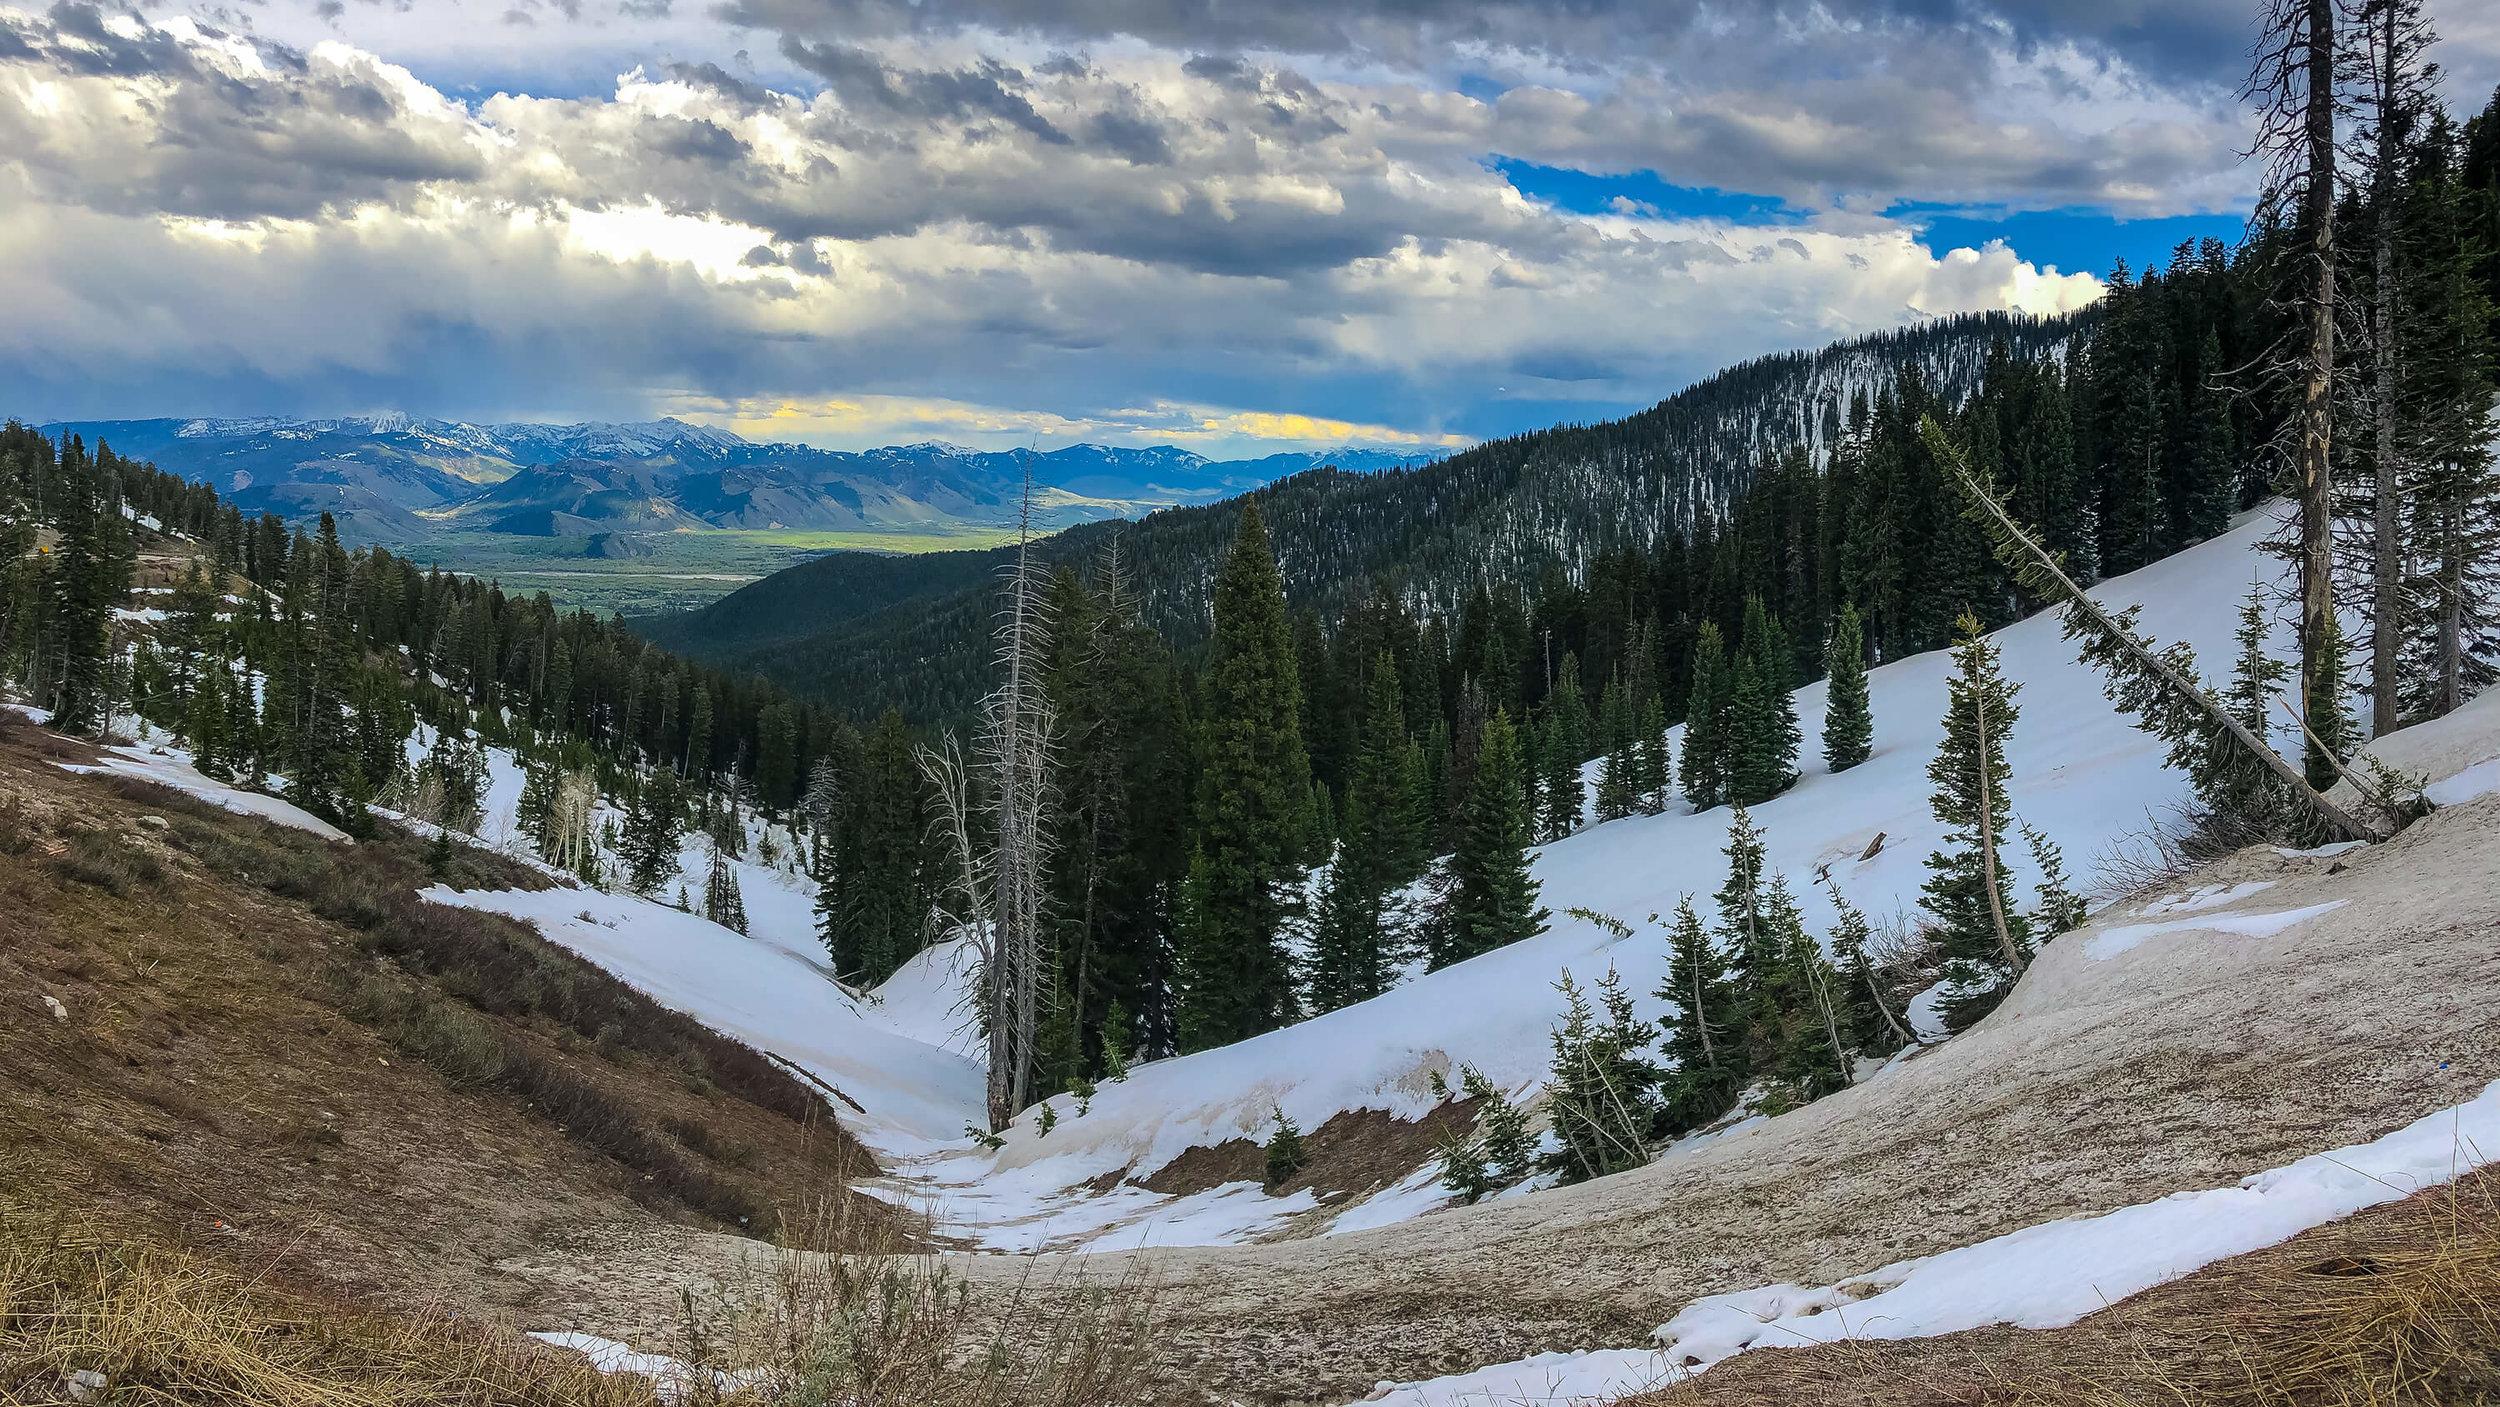 The Teton Pass